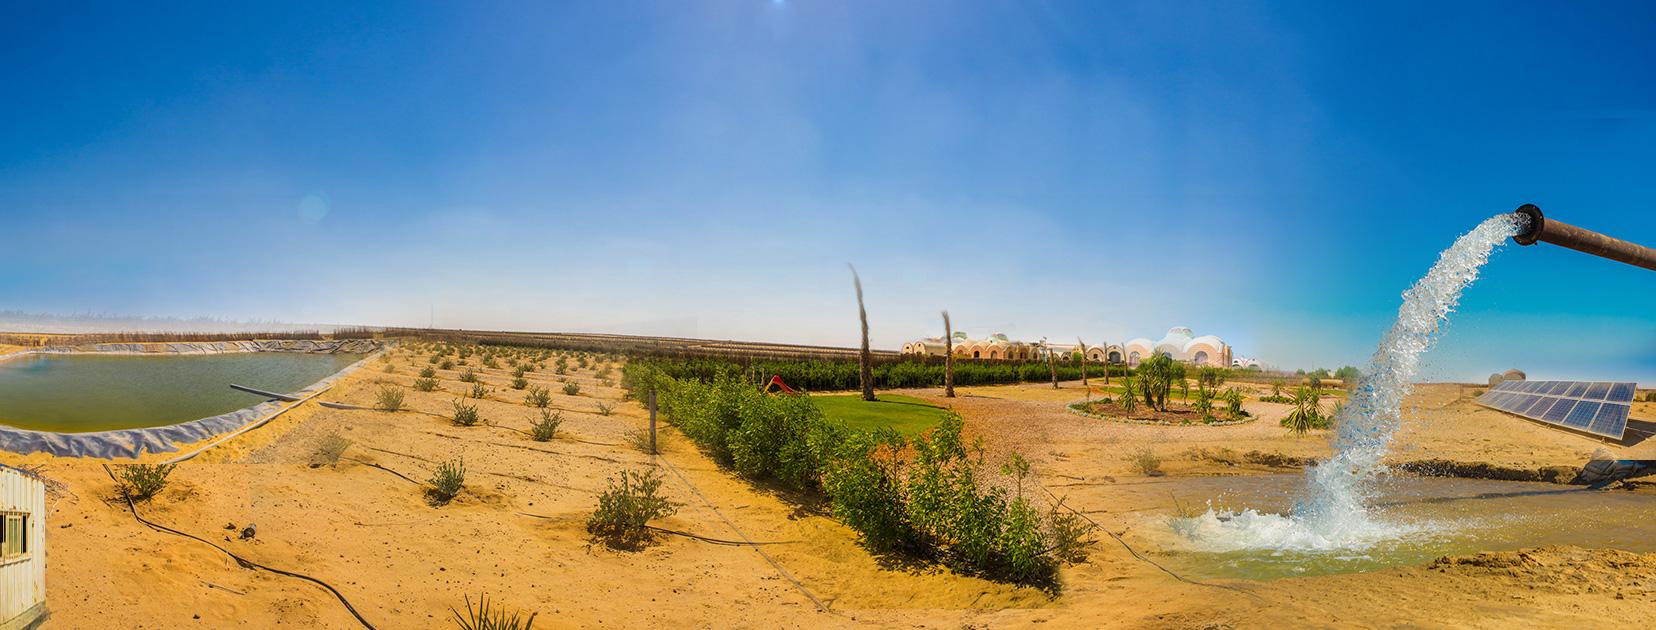 التنمية الريفية بصعيد مصر